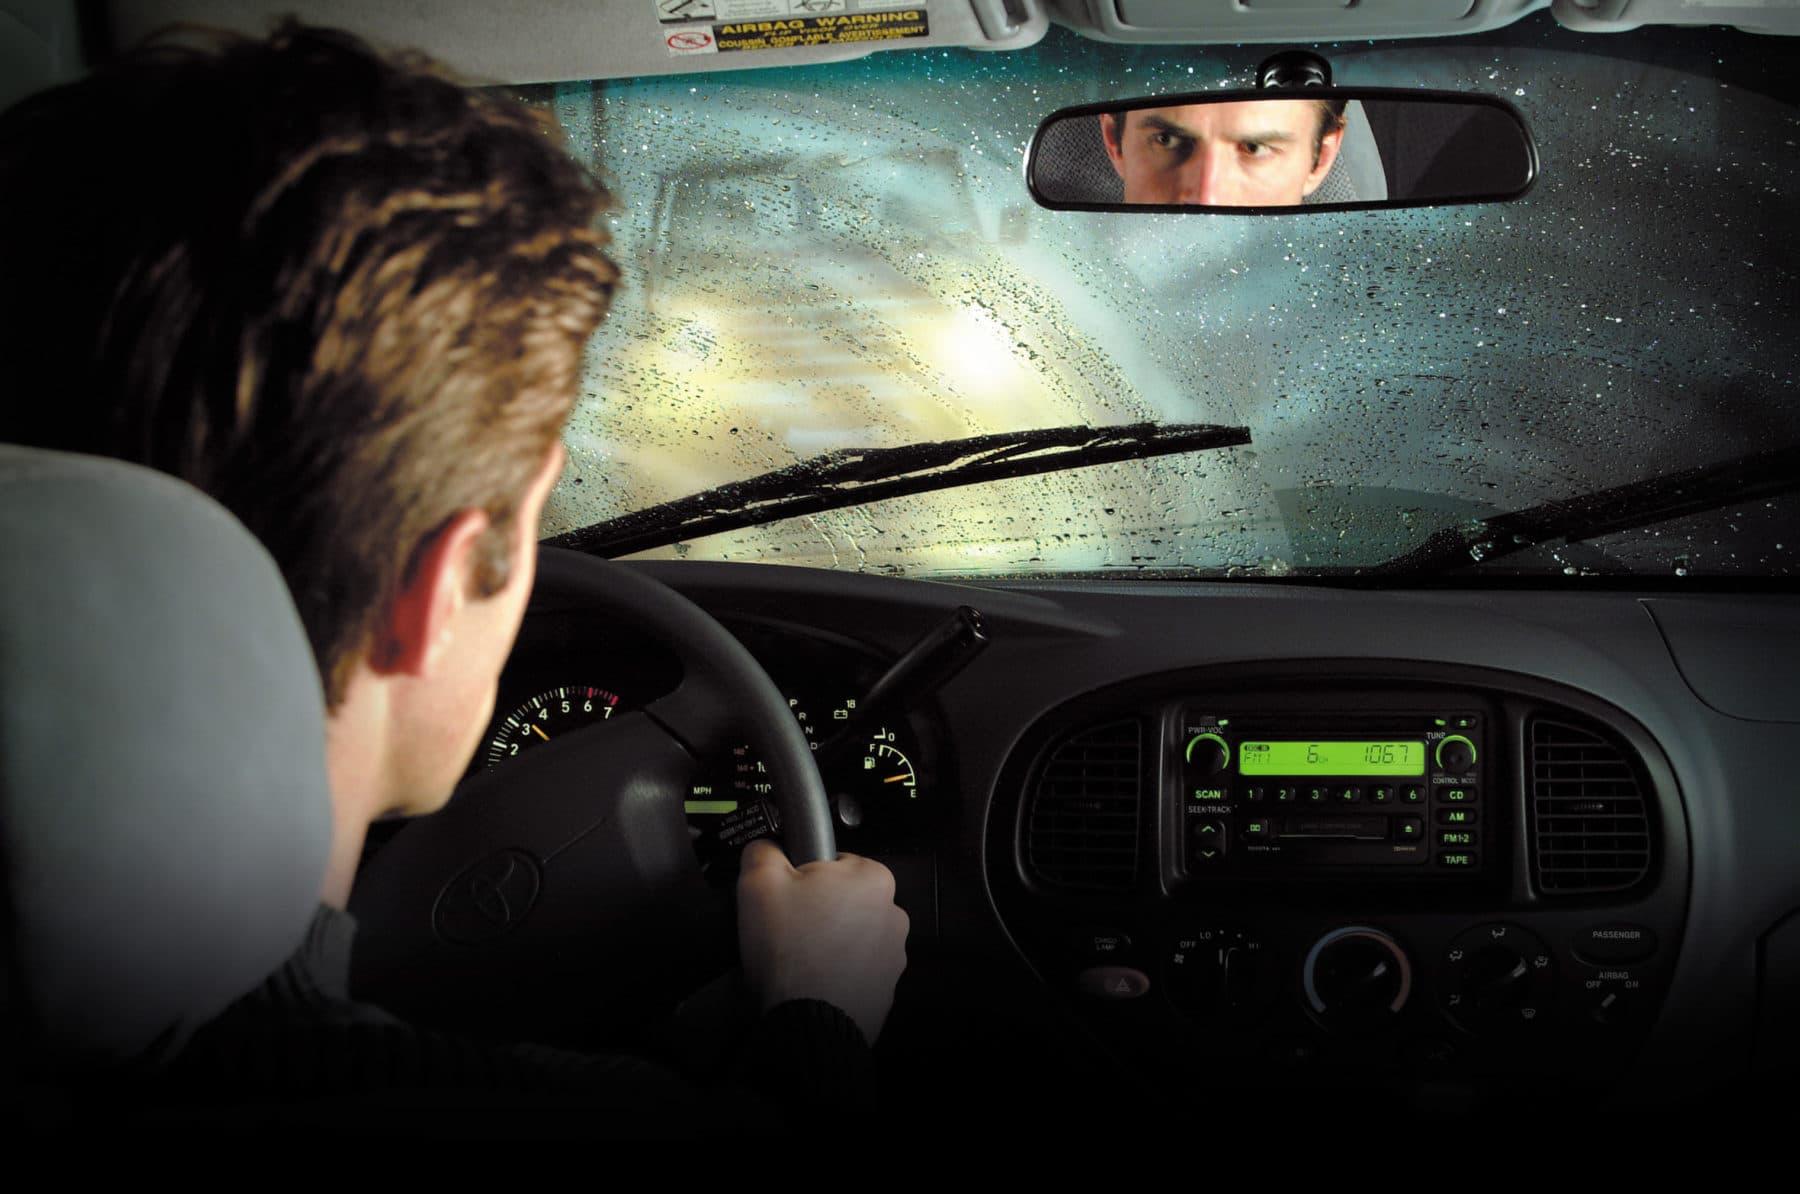 #IMPERDIBLE: Protege tu auto en la época de lluvias